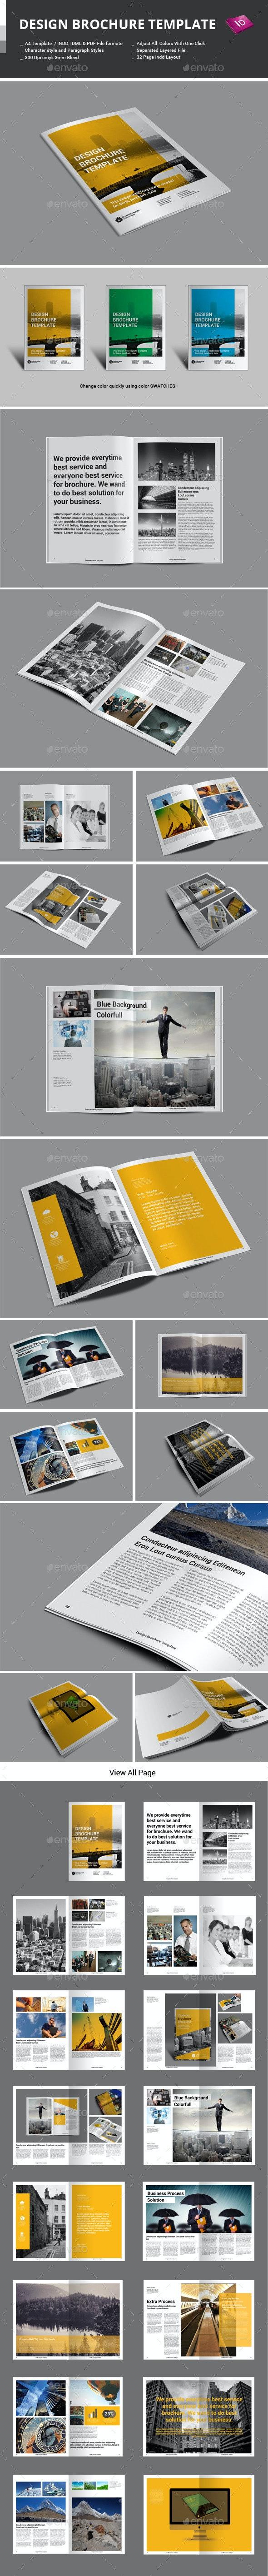 Design Brochure Template - Corporate Brochures